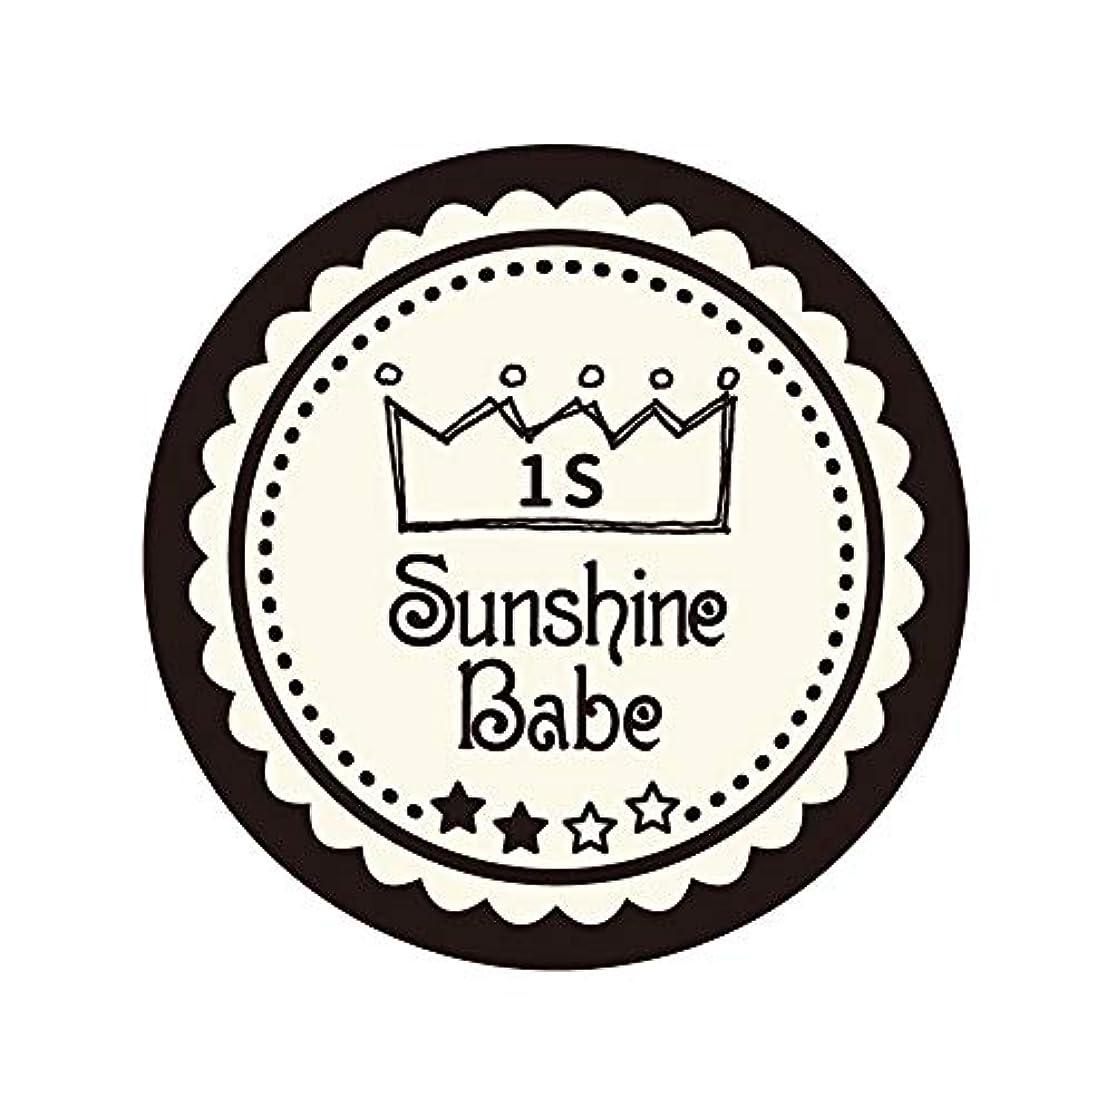 任命する容量満了Sunshine Babe カラージェル 1S ココナッツミルク 2.7g UV/LED対応